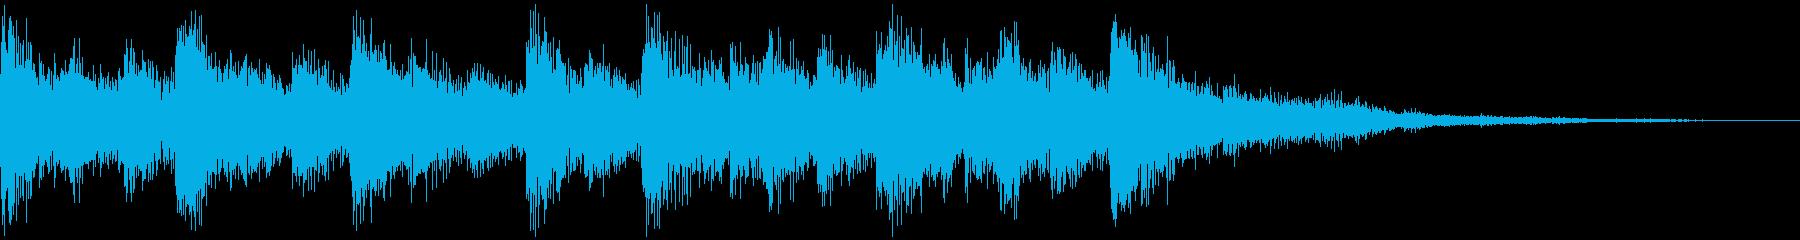 オーケストラのシリアスなジングルの再生済みの波形